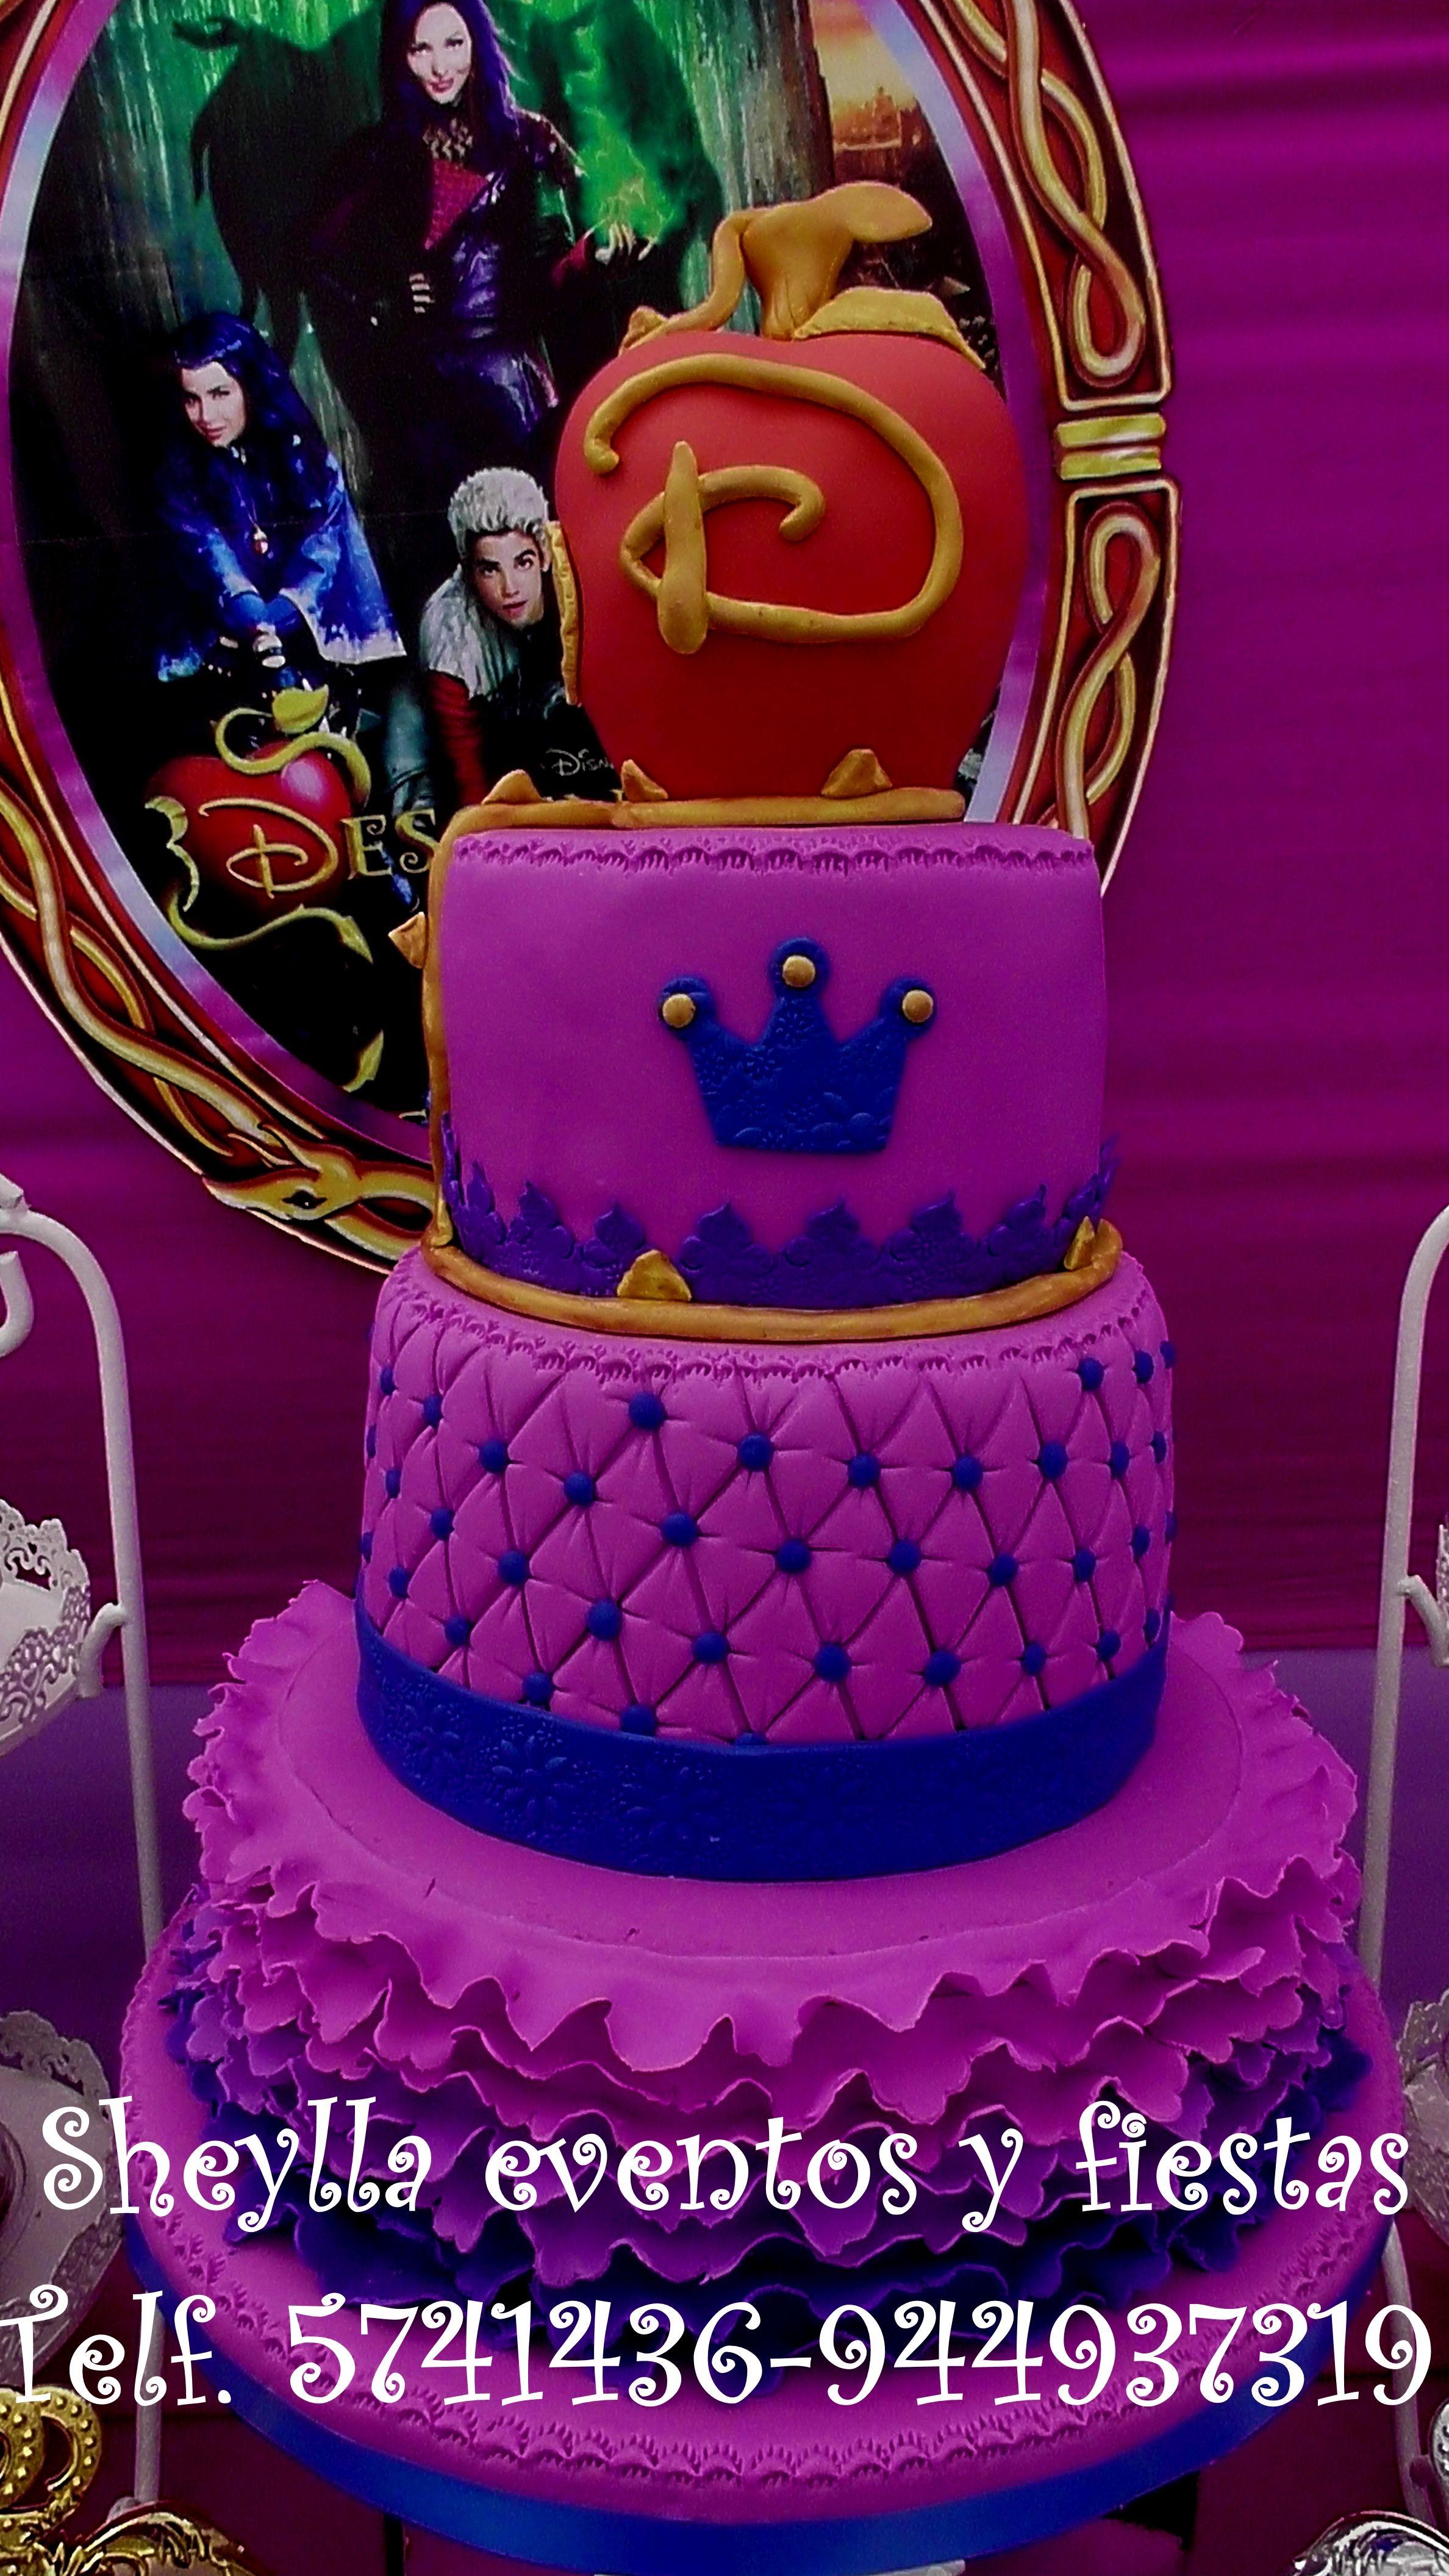 Torta descendientes decoraci n de descendientes tortas for Decoracion de tortas infantiles